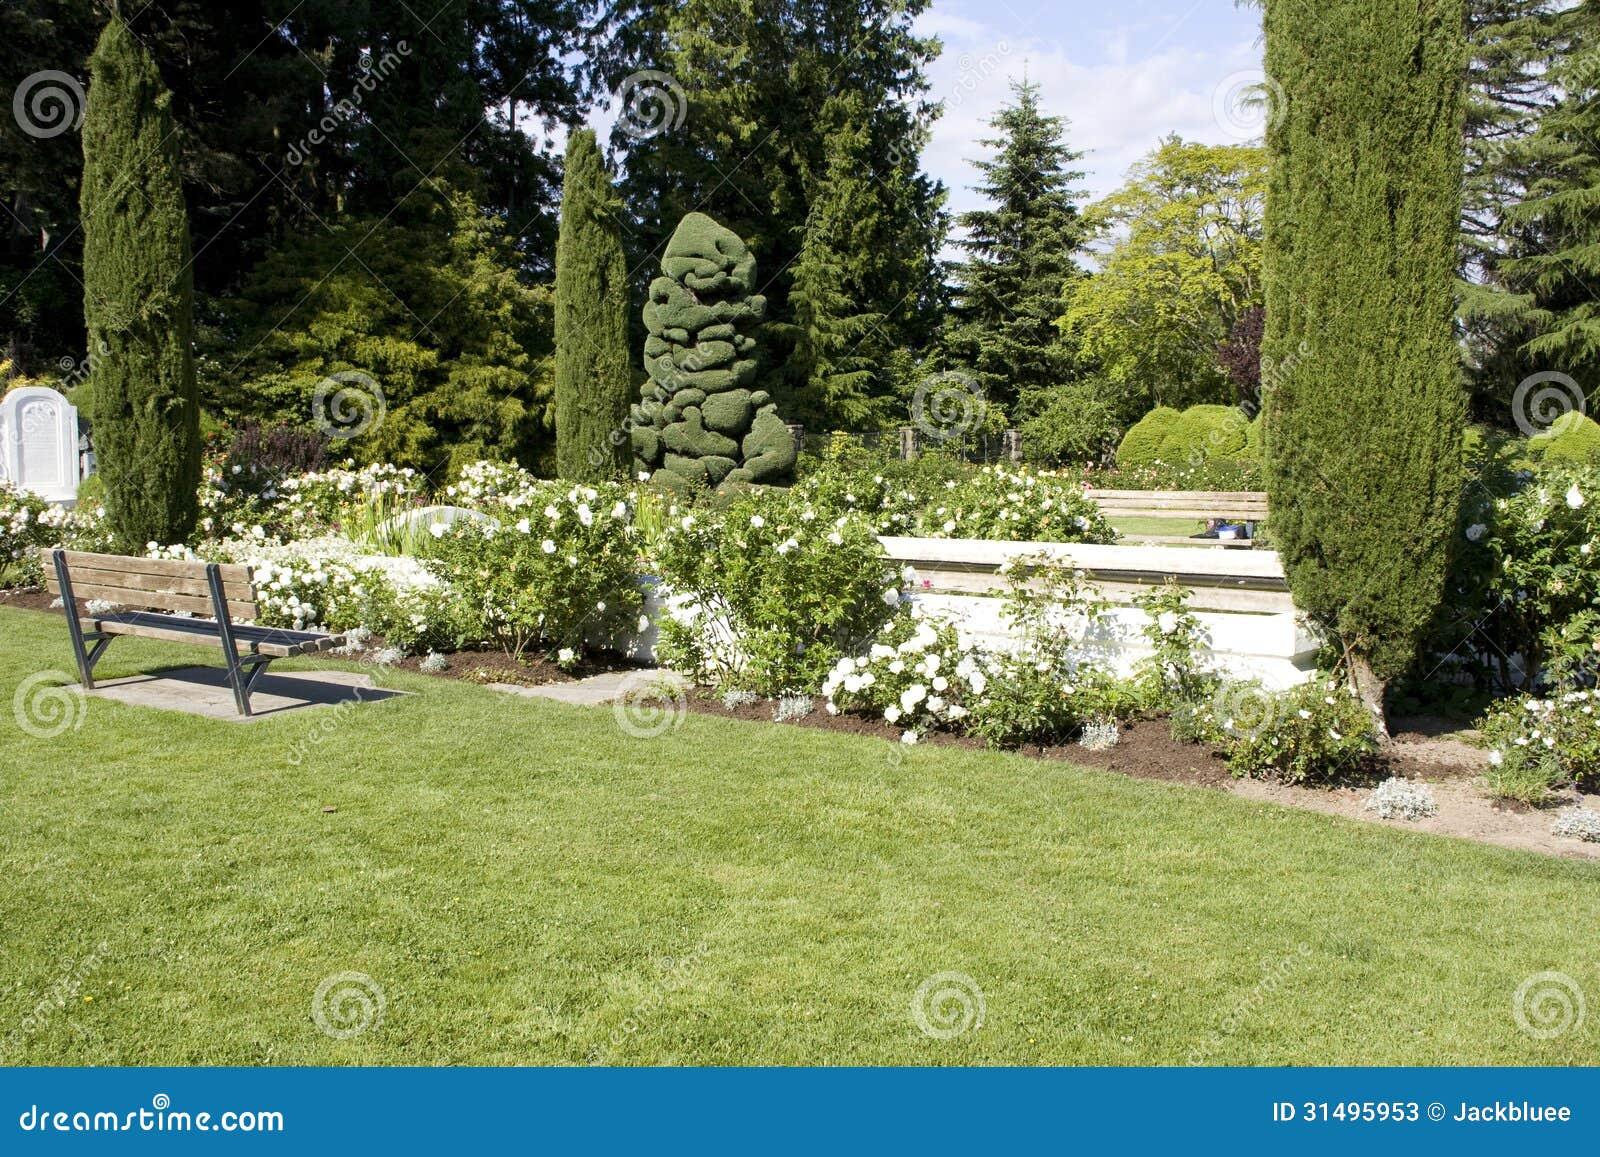 imagens jardim de rosas:Jardim de rosas com projetos bonitos no jardim zoológico do parque da